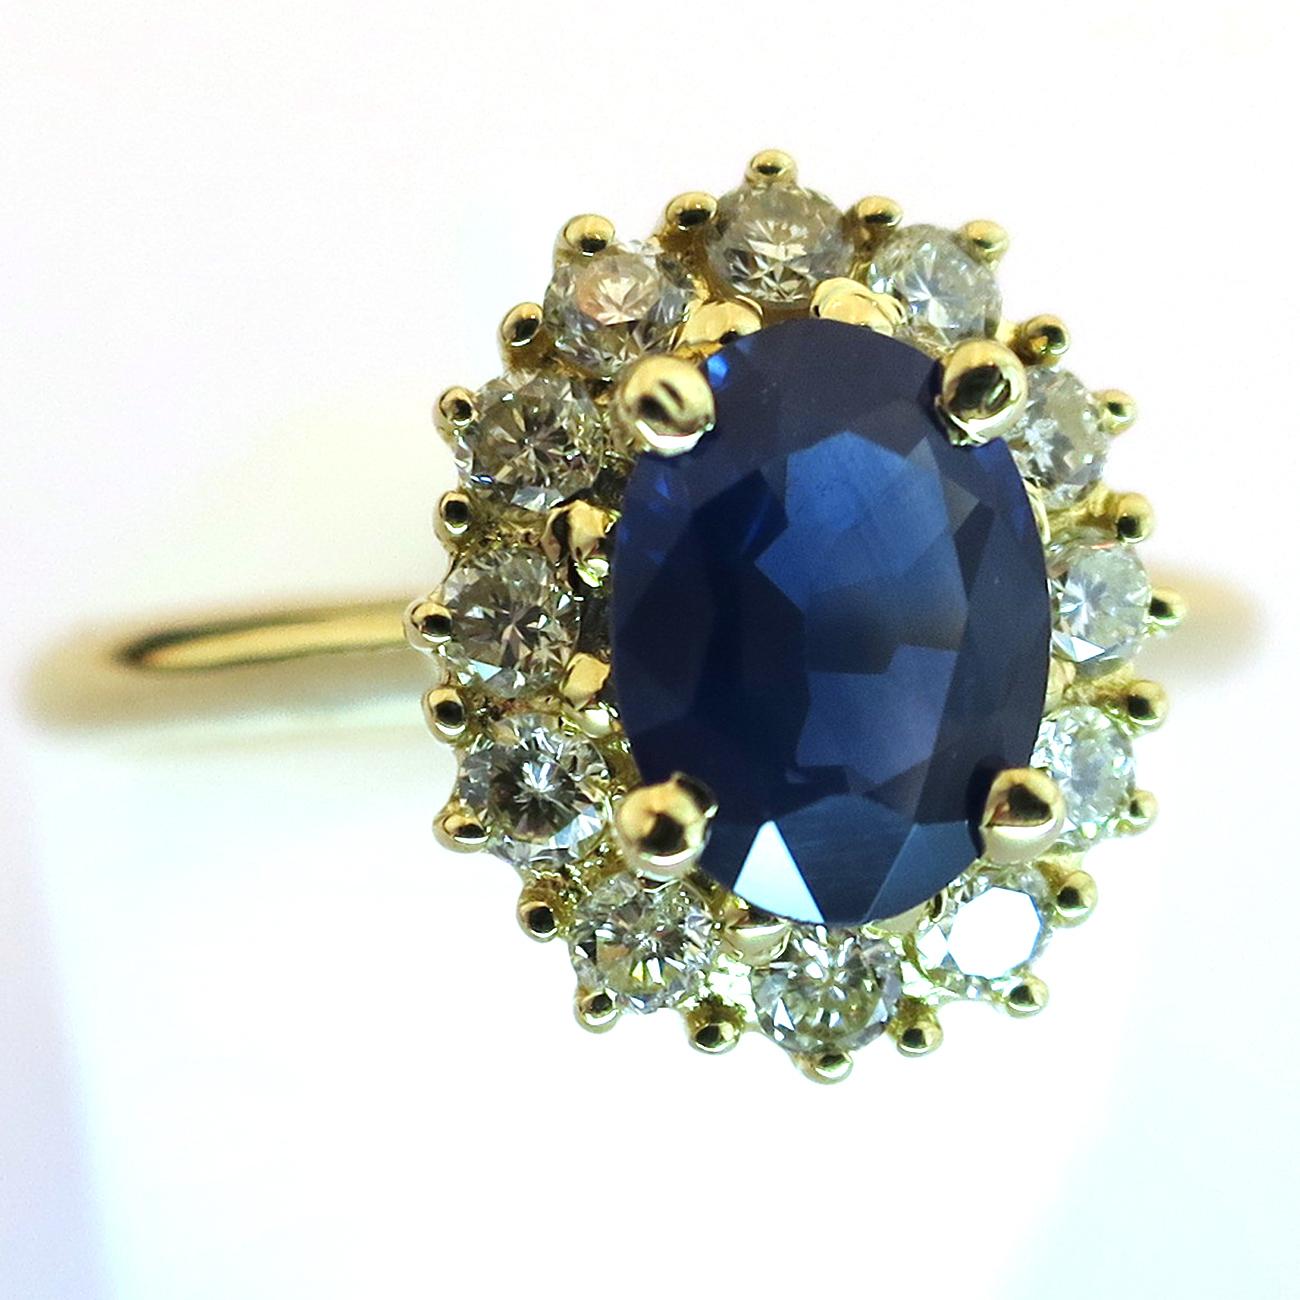 Exceptionnel Bague de fiançailles monture or jaune saphir bleu d'encre 1515  DX97